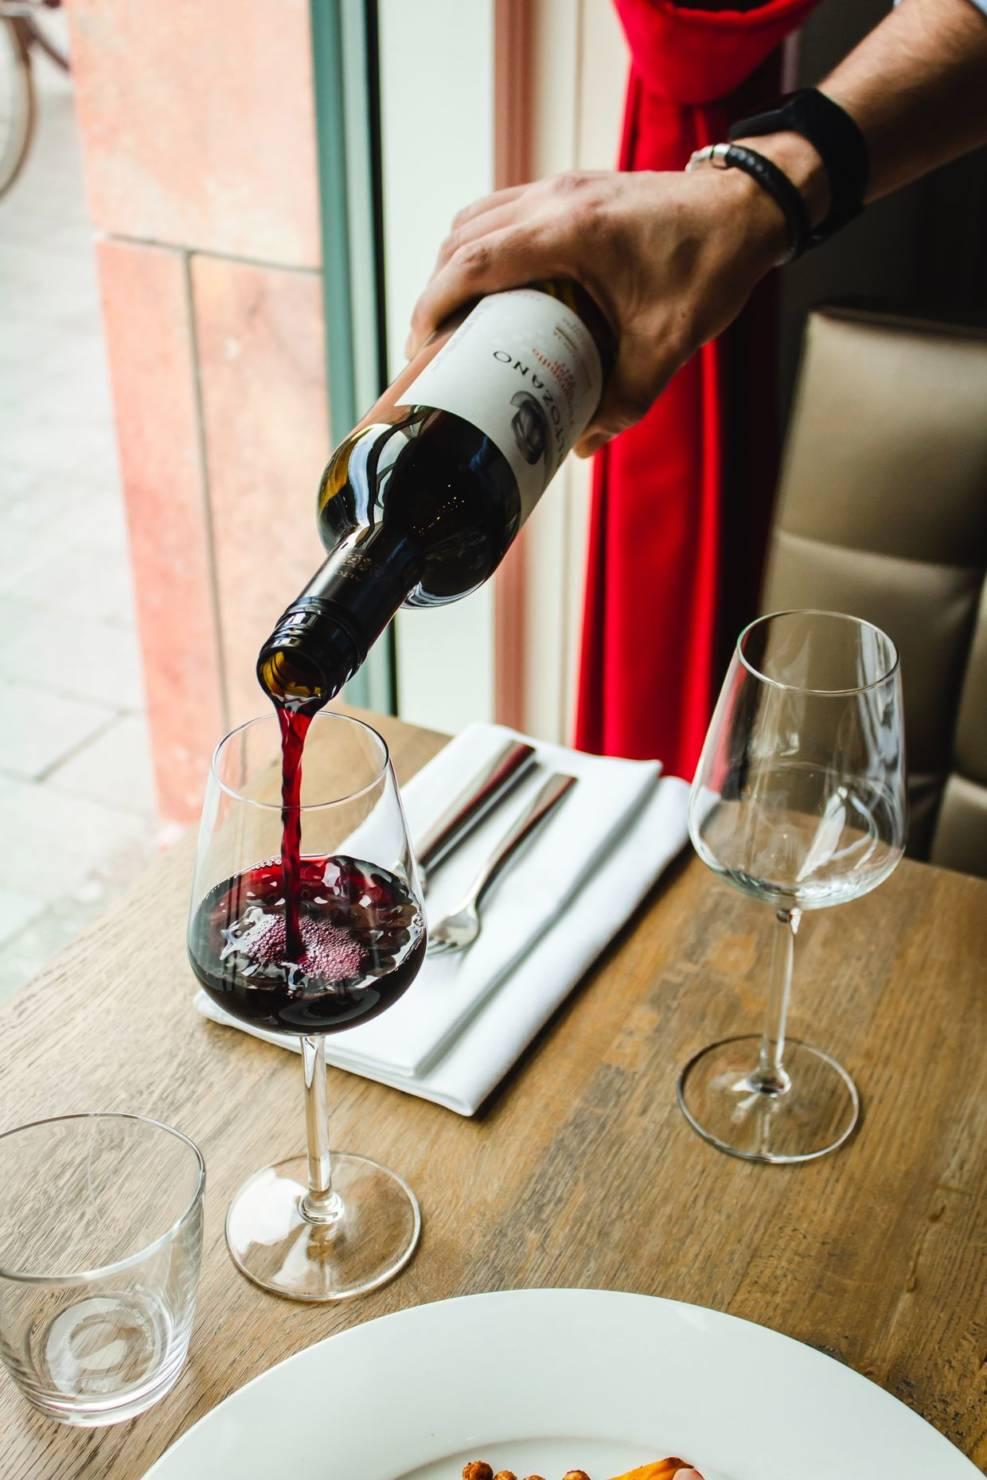 винные дегустации, дегустация вина, вино для профи, вина ладога, ladoga